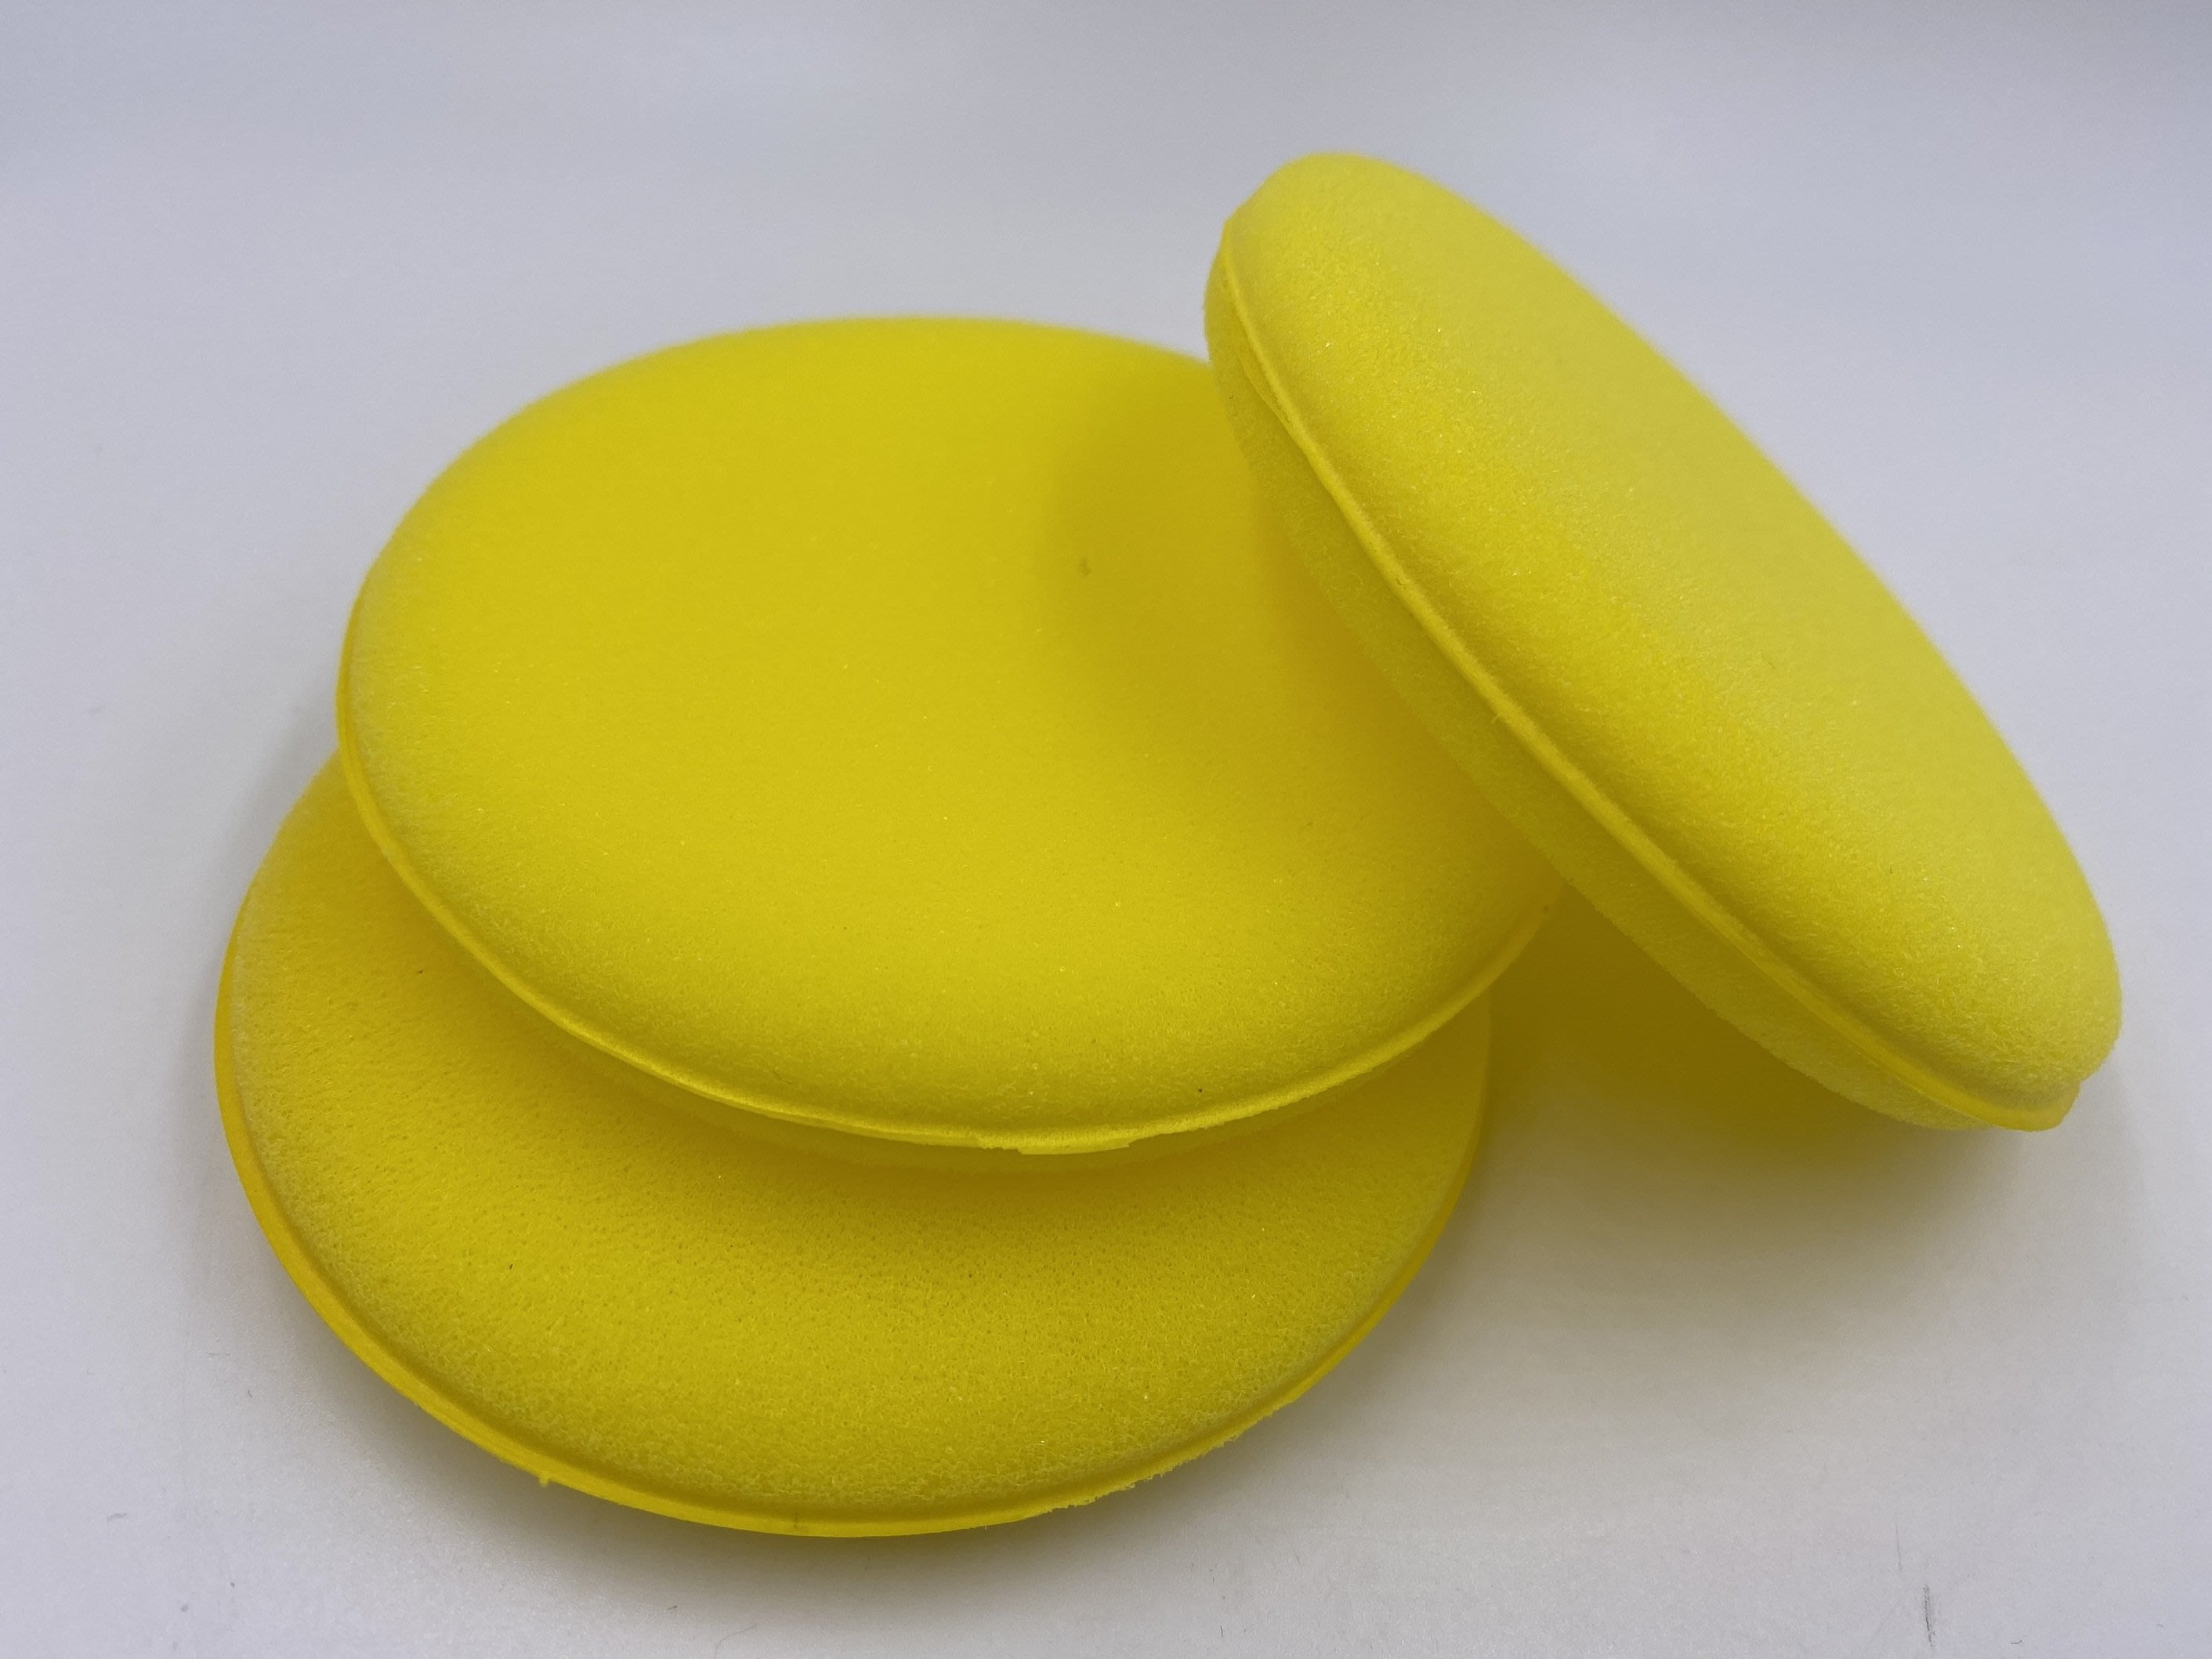 車霸- 黃色銅鑼燒海棉 打蠟棉 上蠟專用 打蠟棉 上蠟 皮革乳海棉 海棉 銅鑼燒海棉